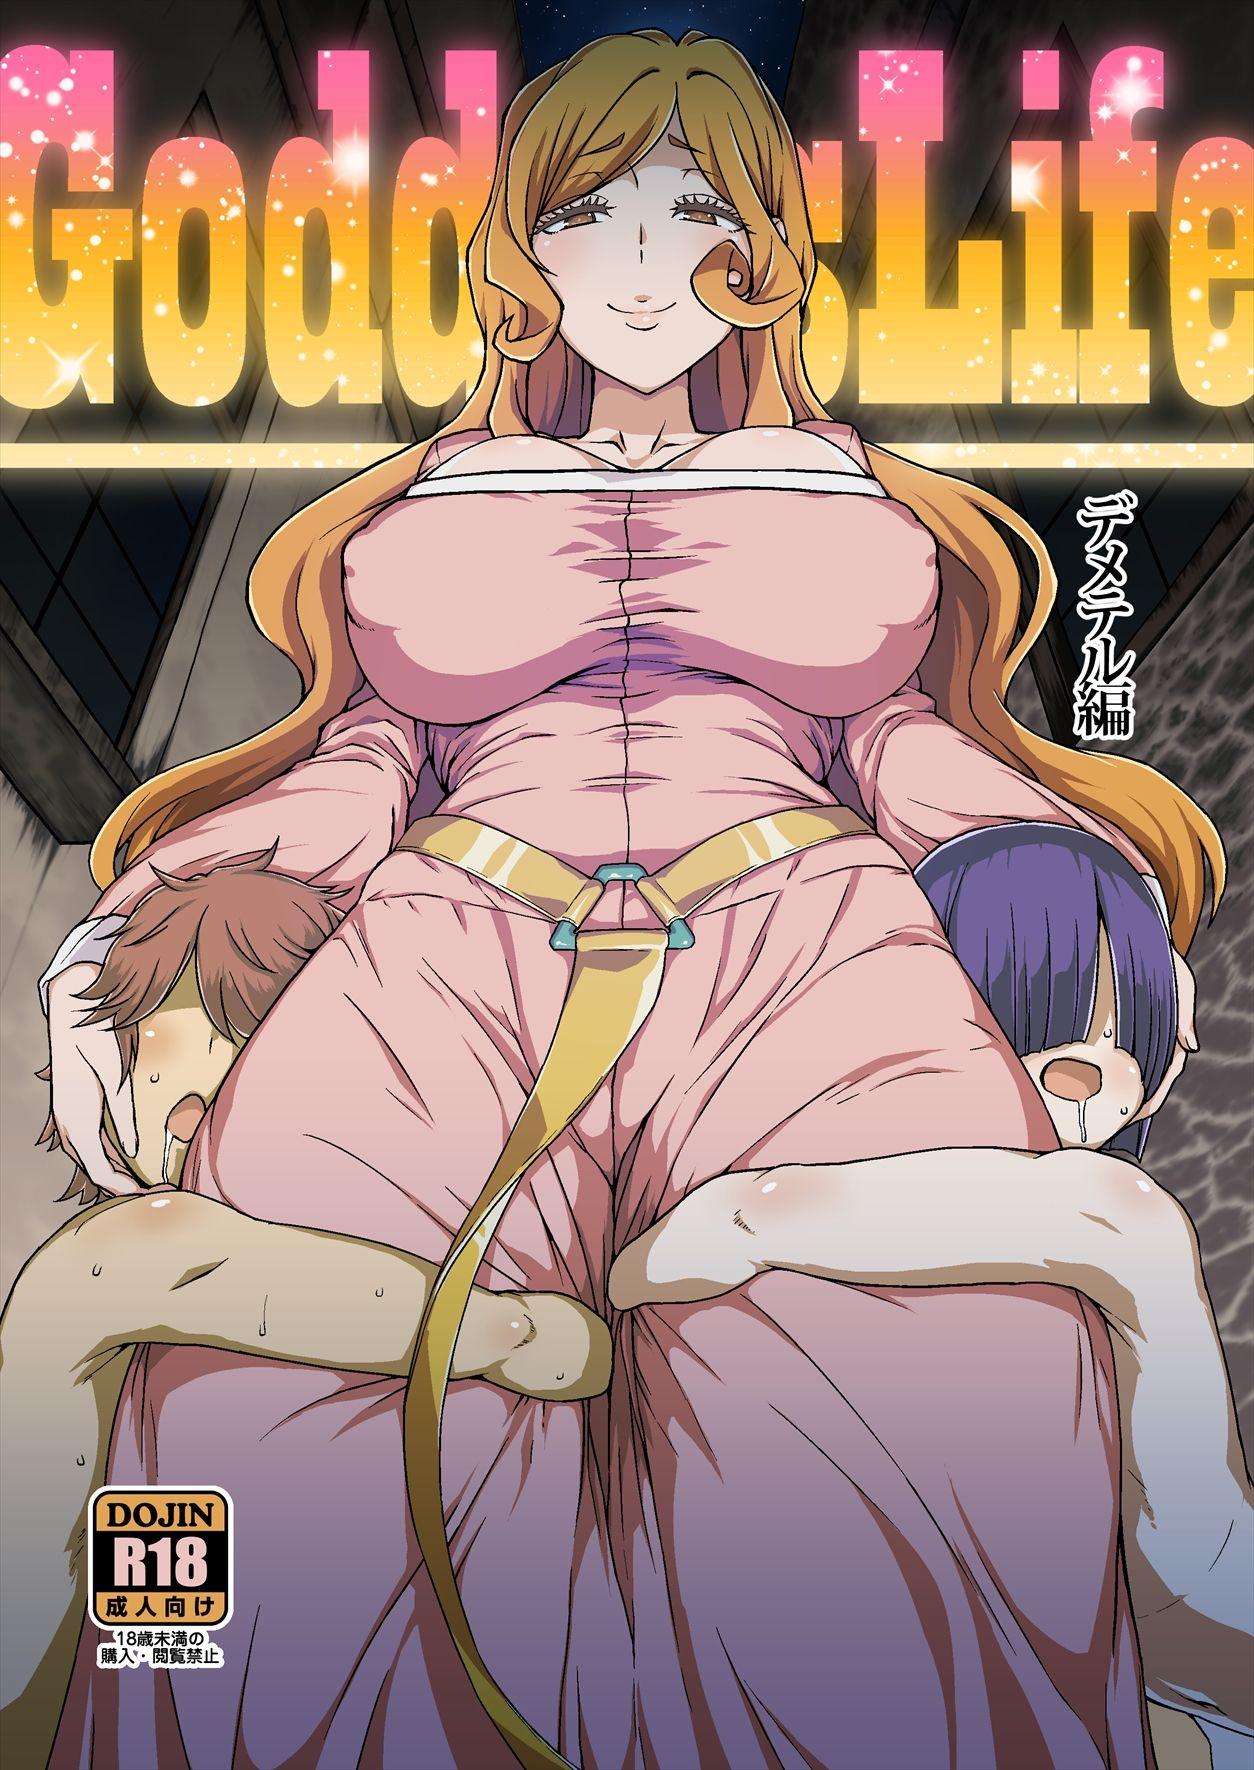 [ParadiseGom] GoddessLife ~デメテル編~ (ダンジョンに出會いを求めるのは間違っているだ... - 情色卡漫 -